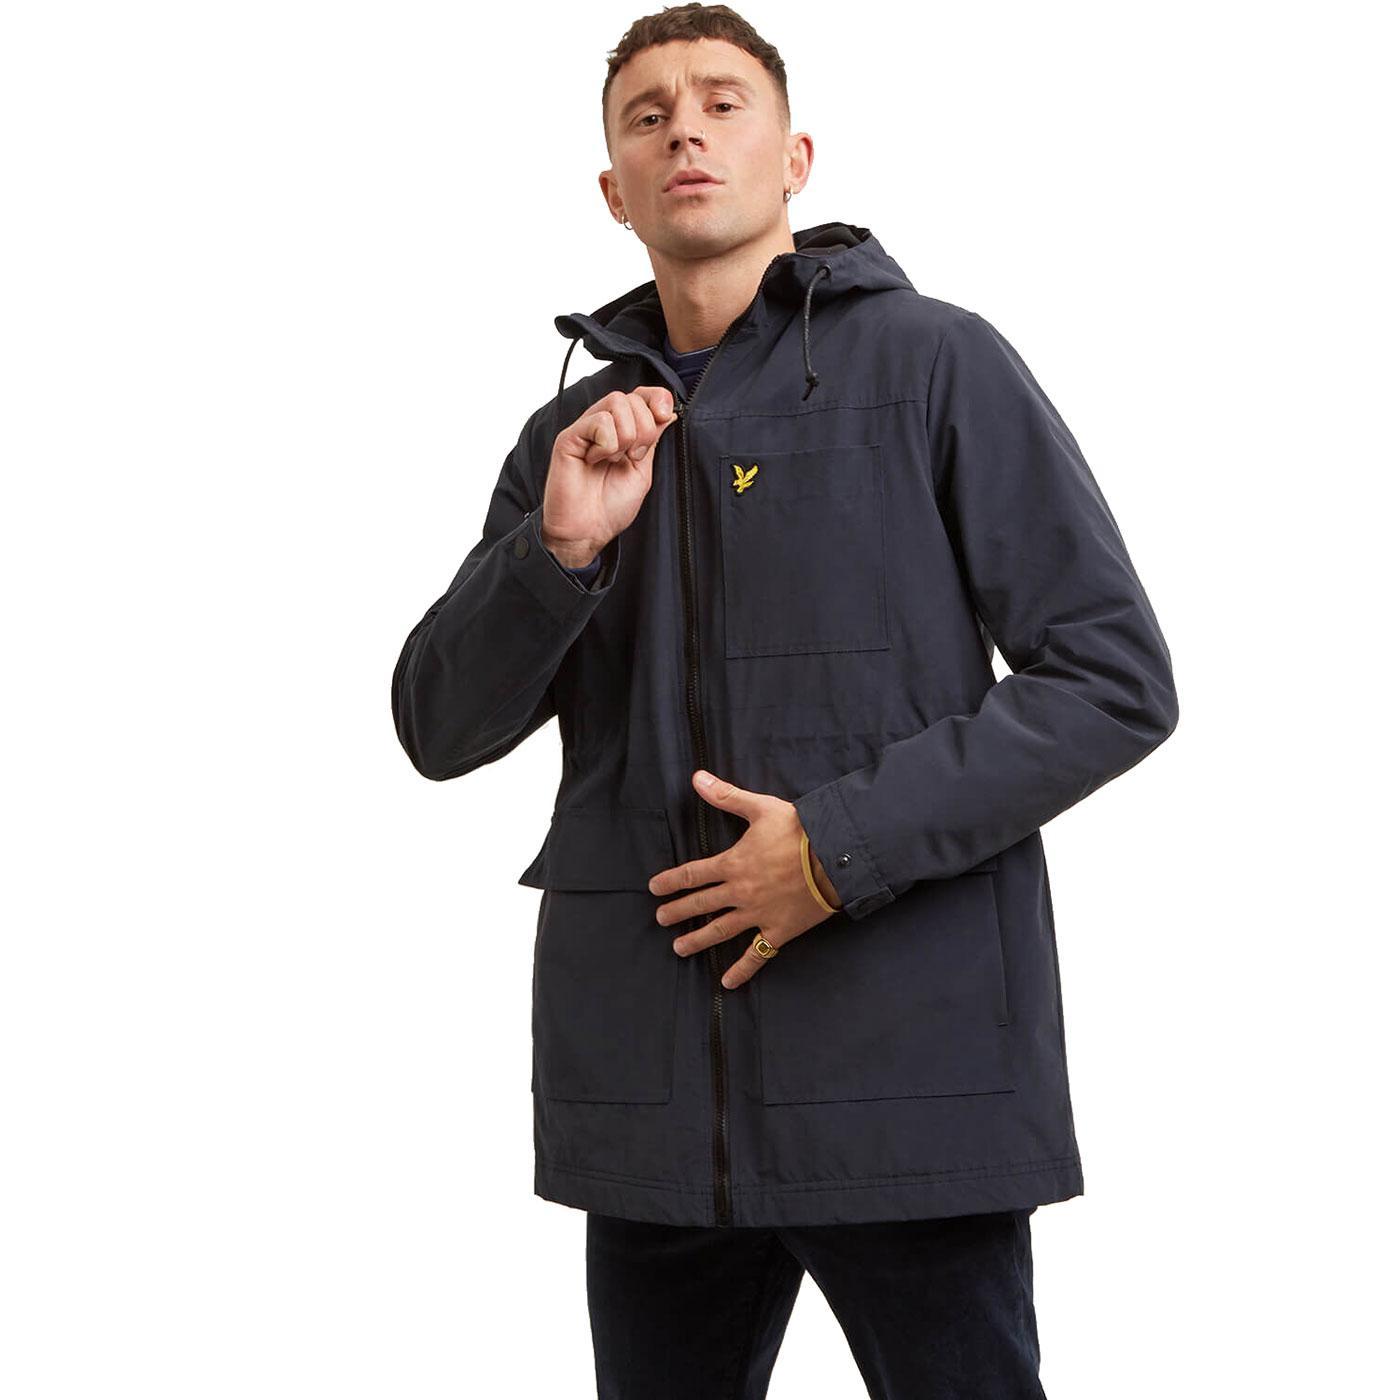 LYLE & SCOTT Mod Microfleece Lined Hooded Jacket N